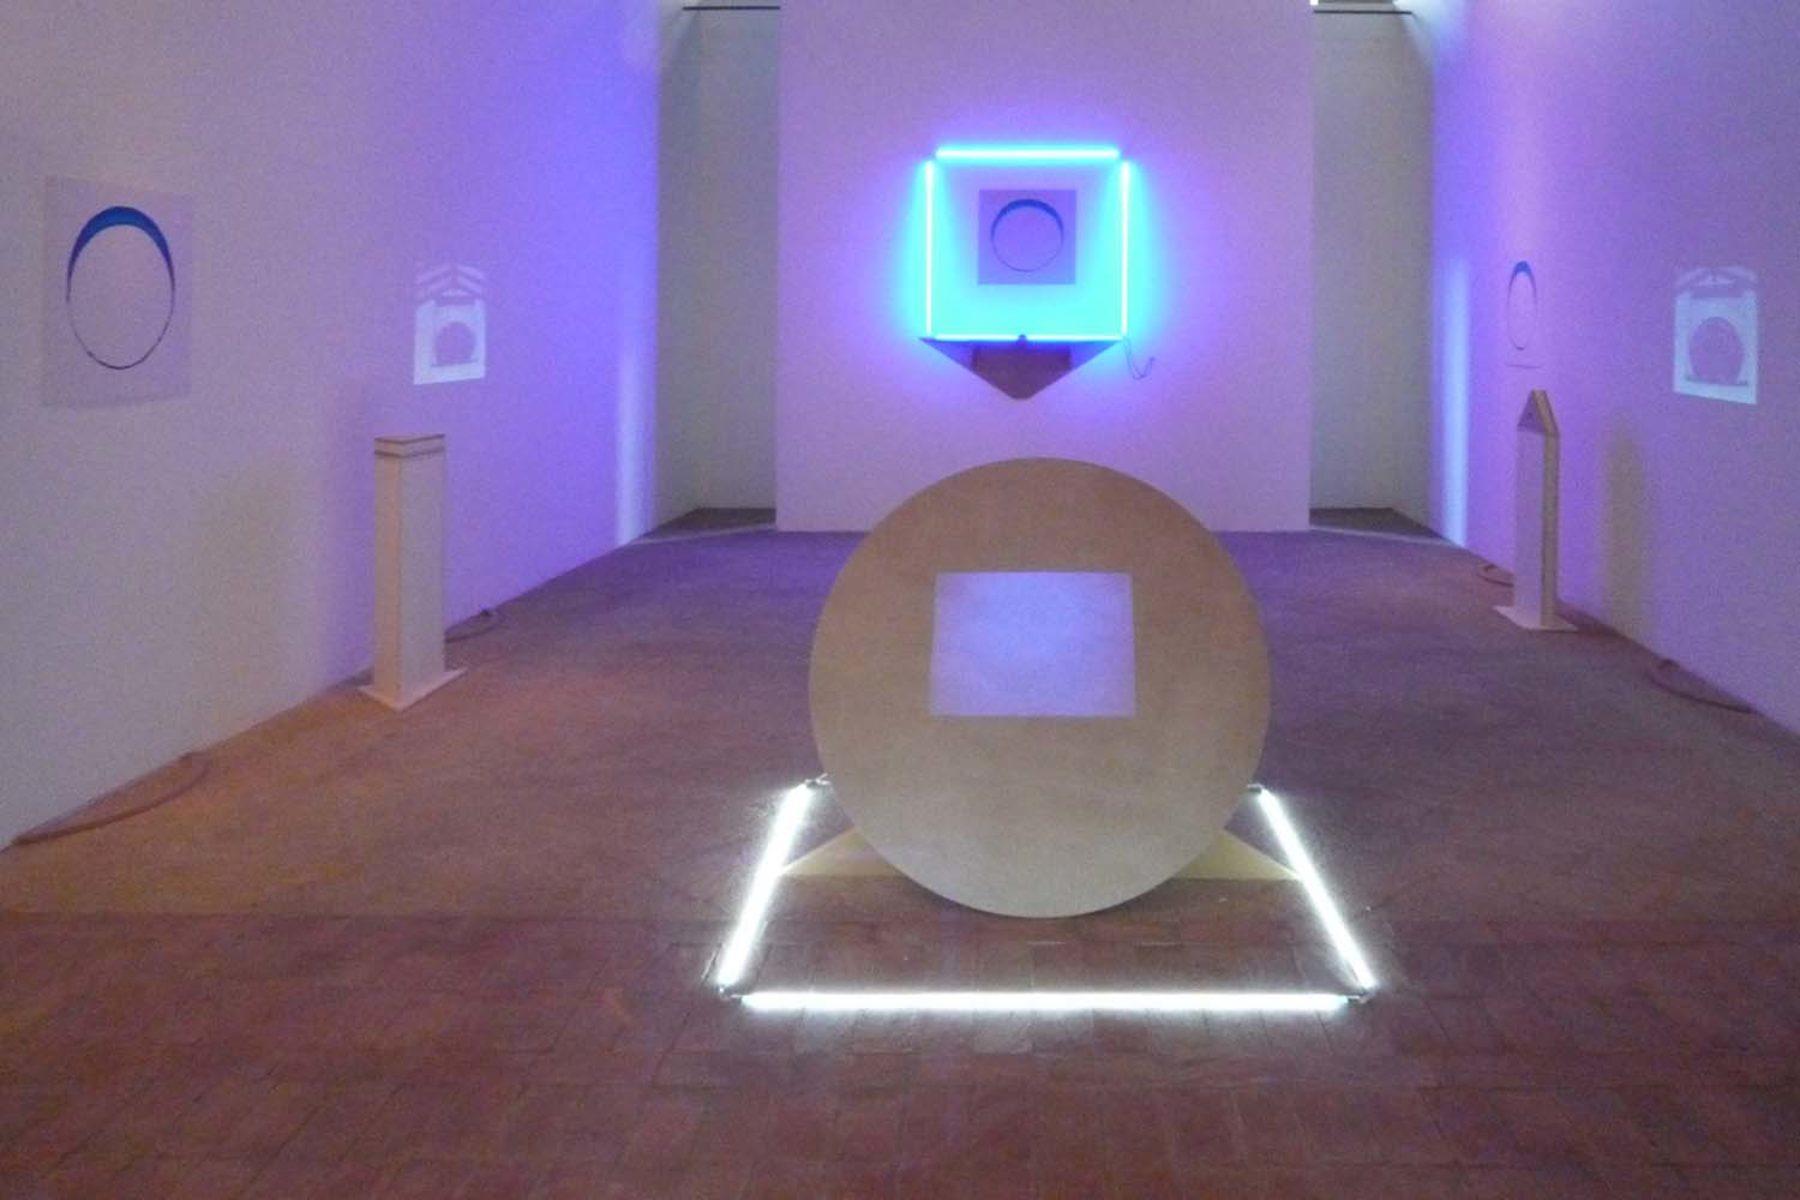 Matteo Fato, Untitled, 2010, istallazione site specific per AB23